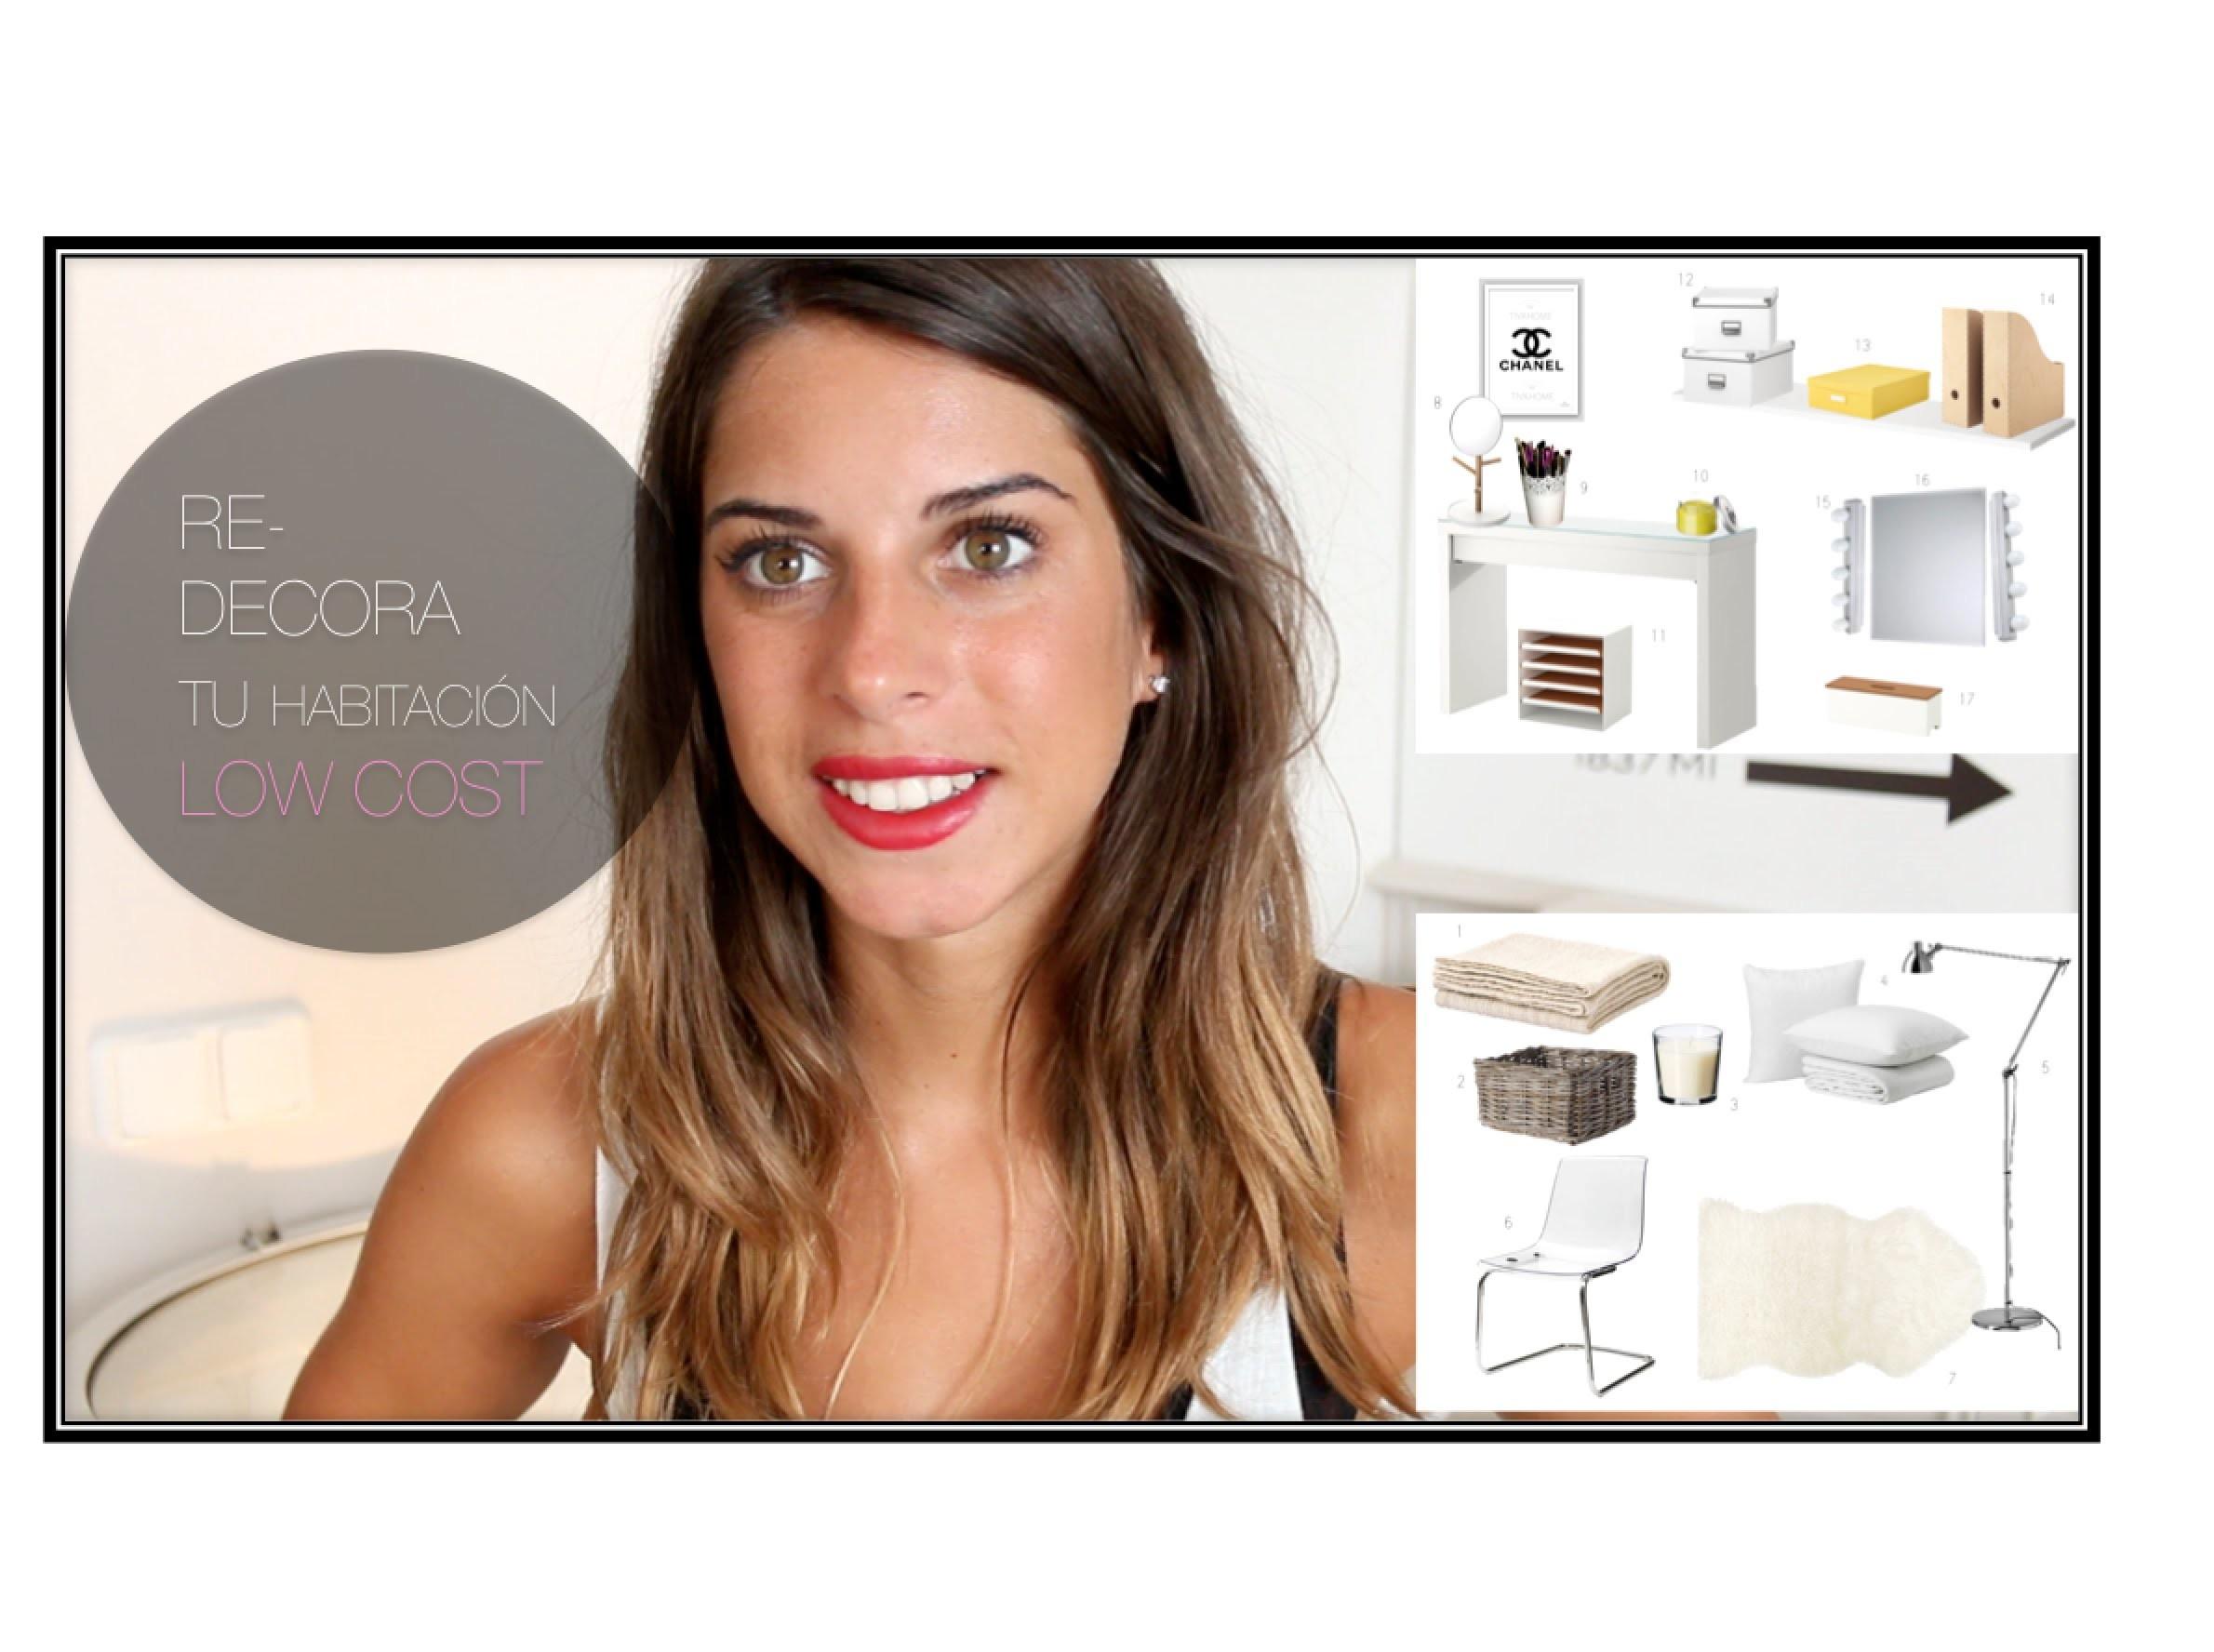 Deco   Cómo transformar tu habitación de niña a mujer (low cost)